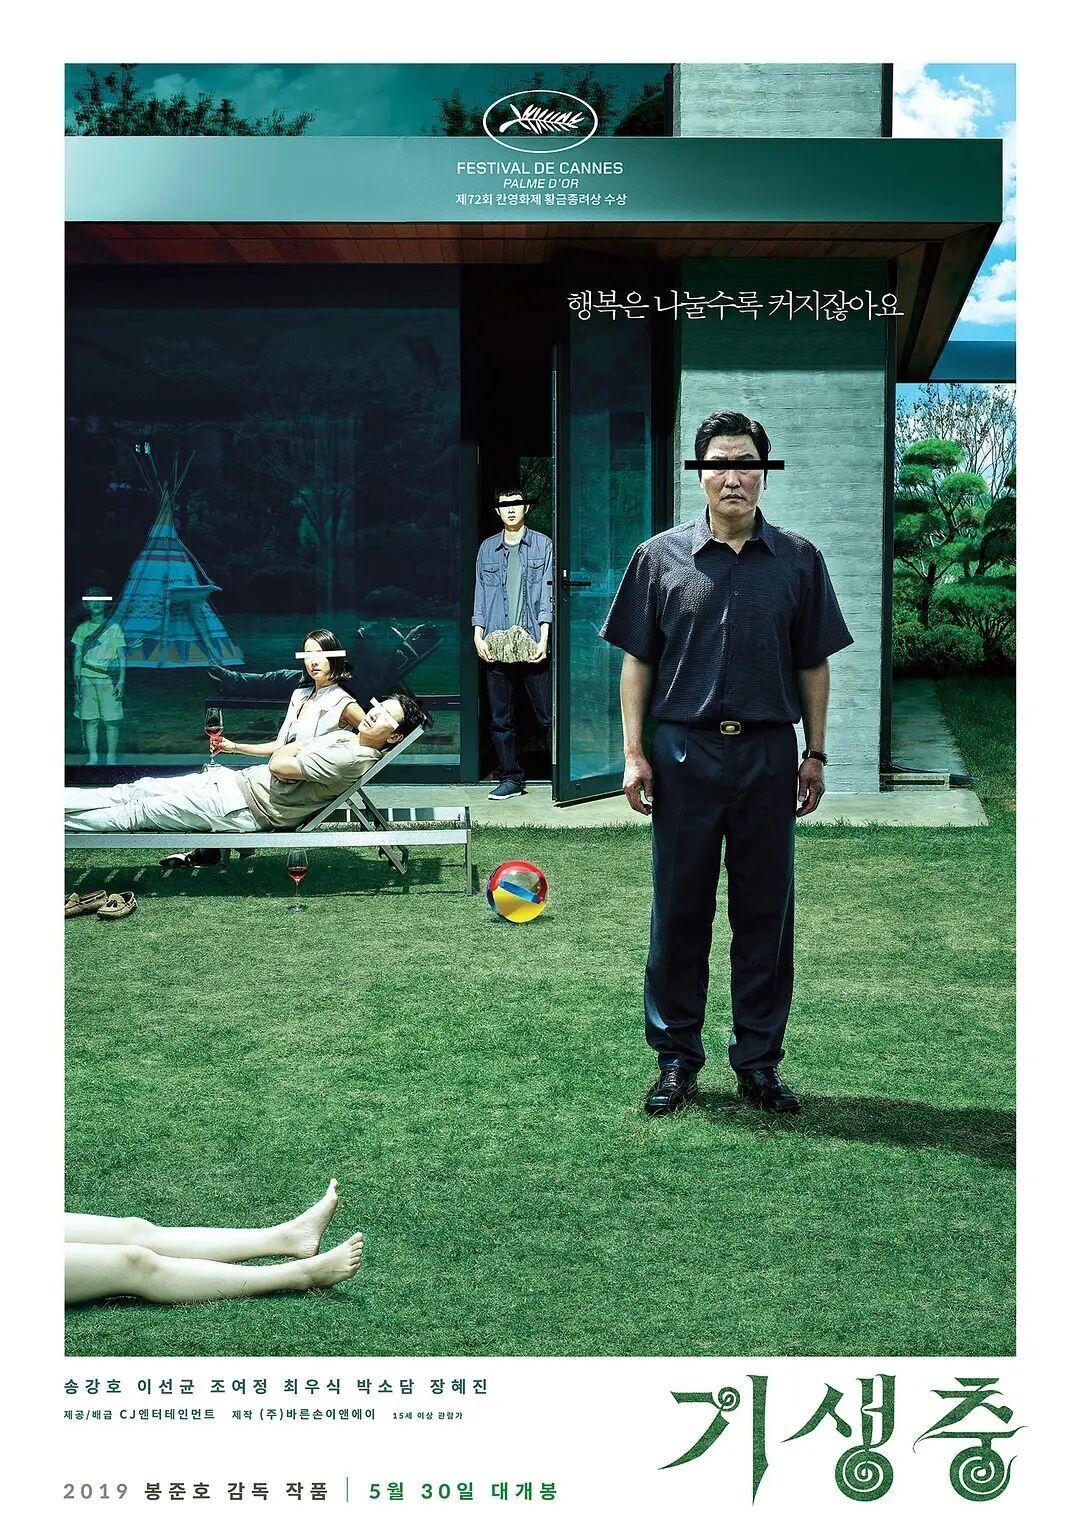 寄生虫(2019)好评如潮!豆瓣评分8.7